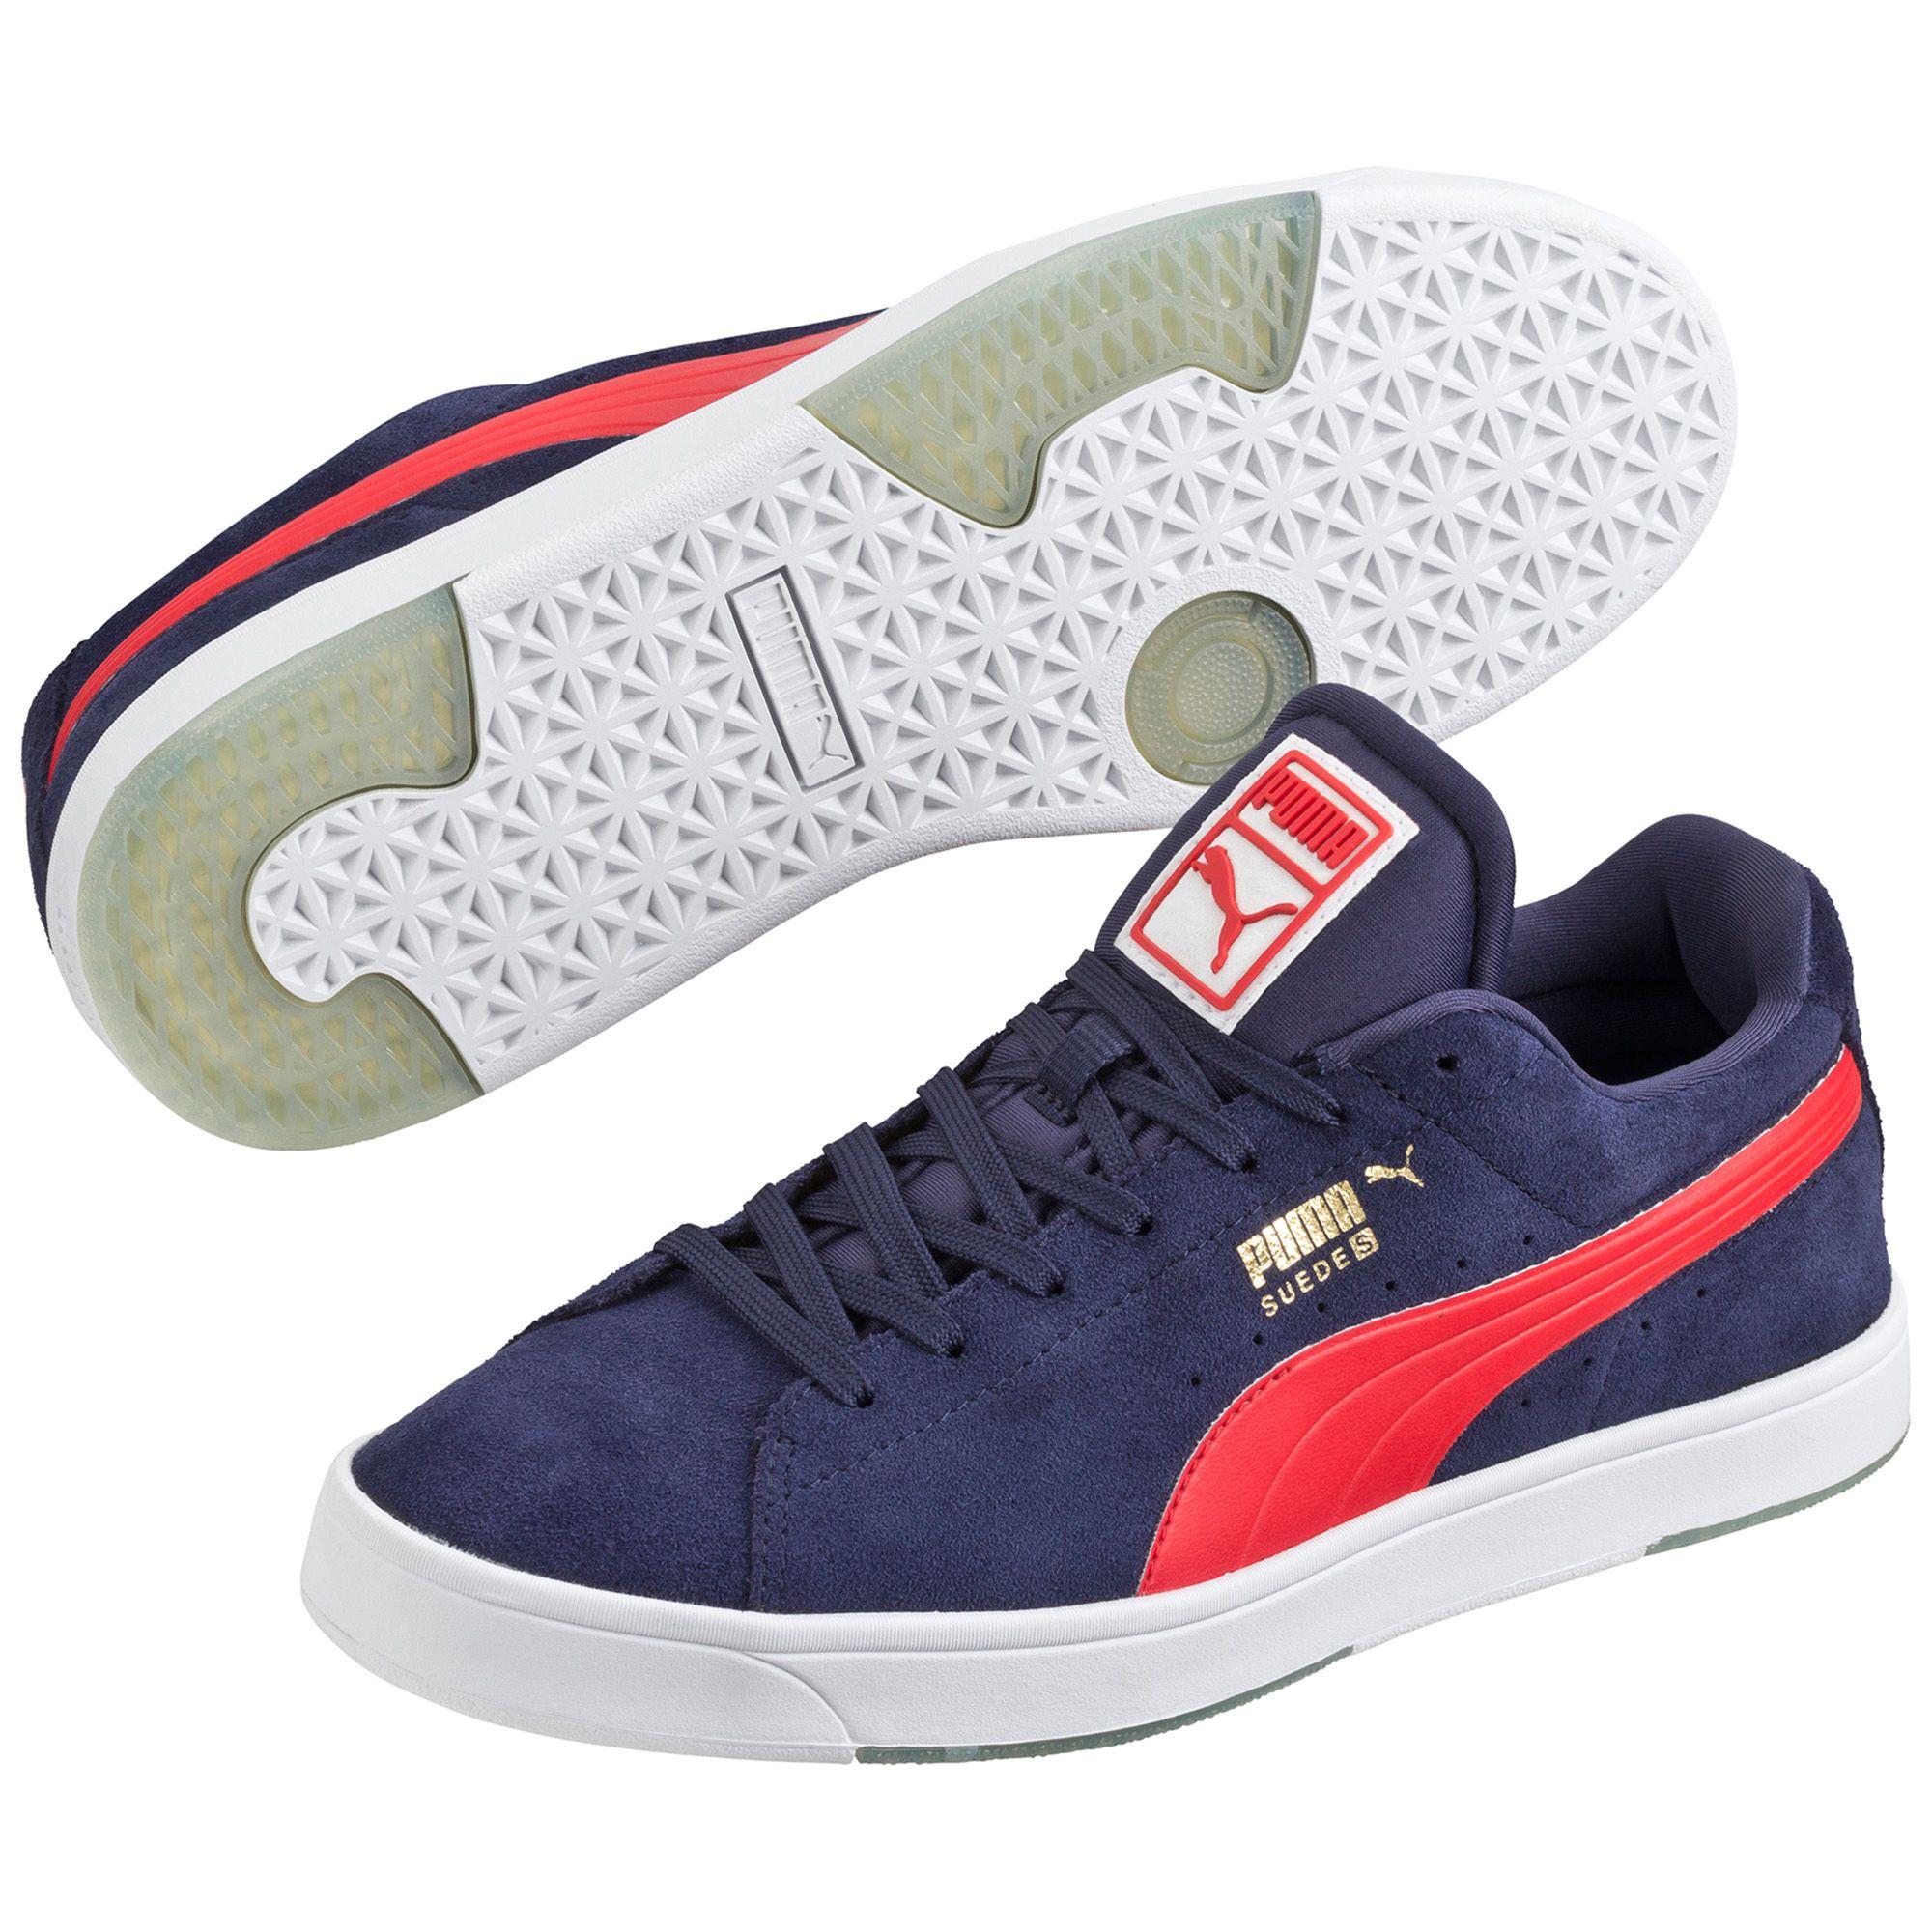 puma s evolution herren sneakers